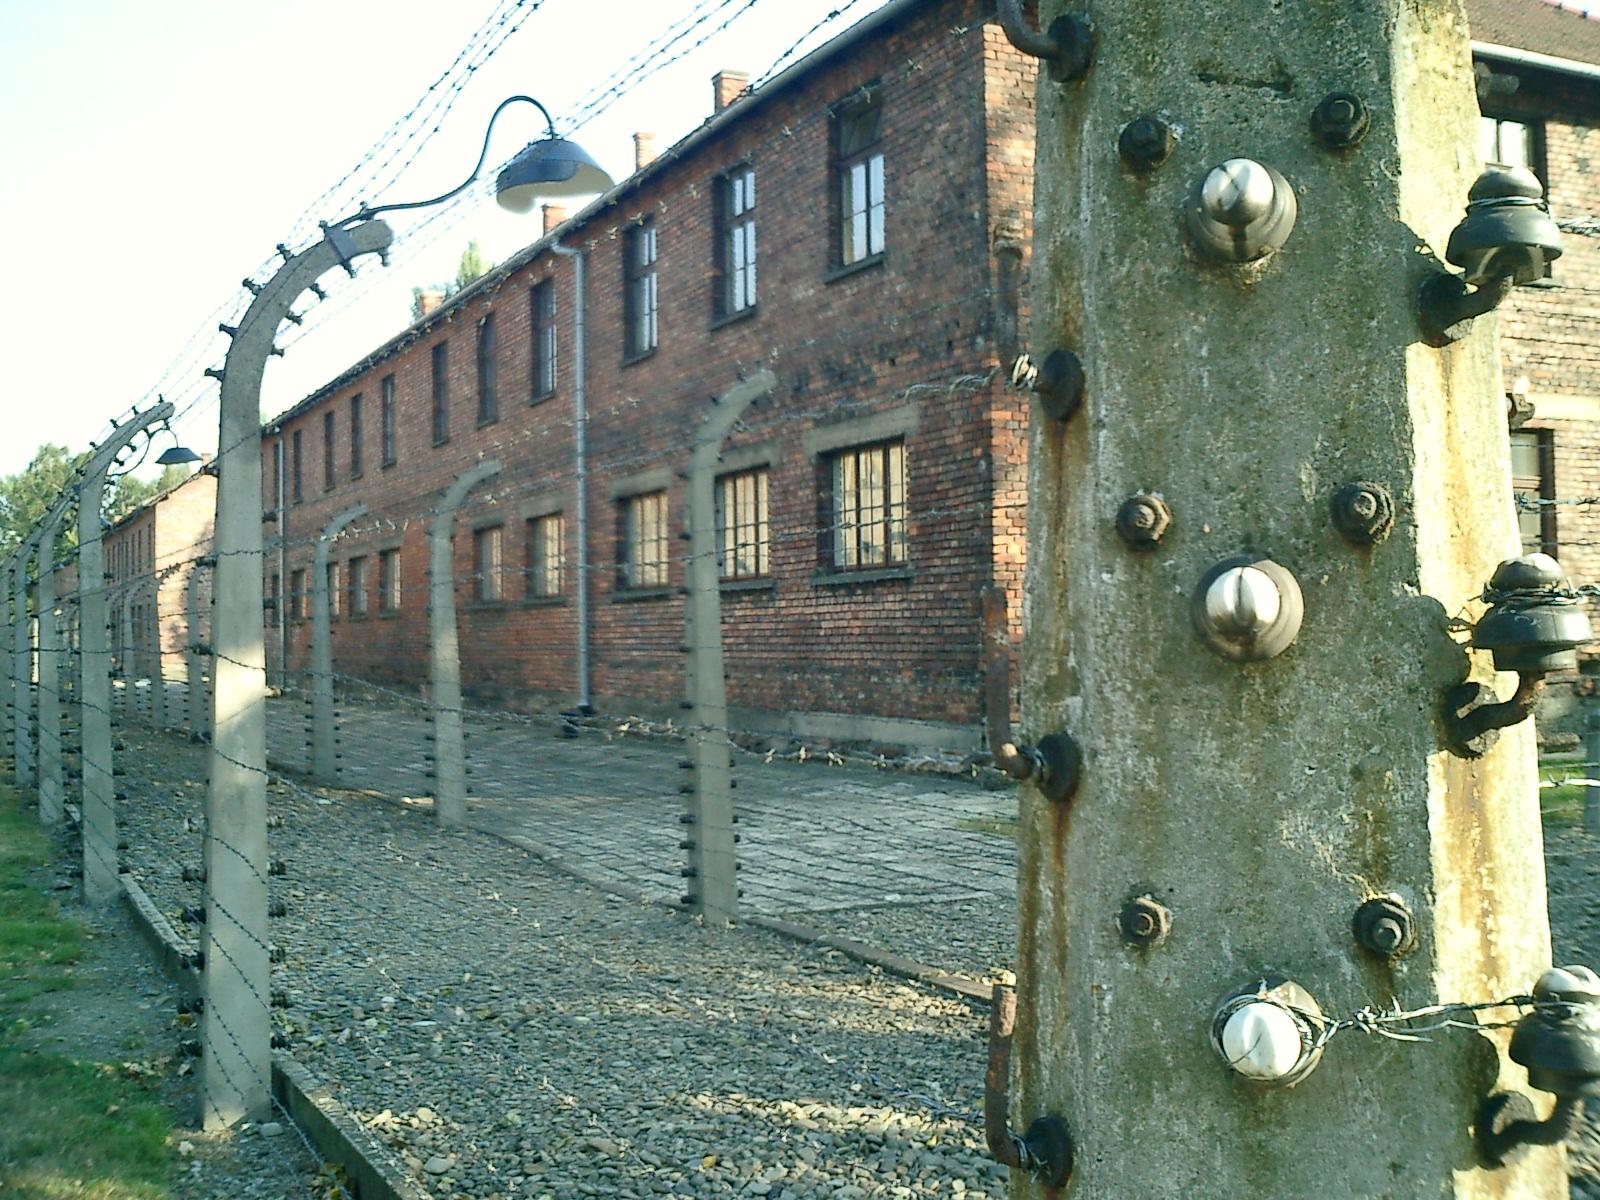 file:campo de concentracion auschwitz-polonia0066 - wikimedia